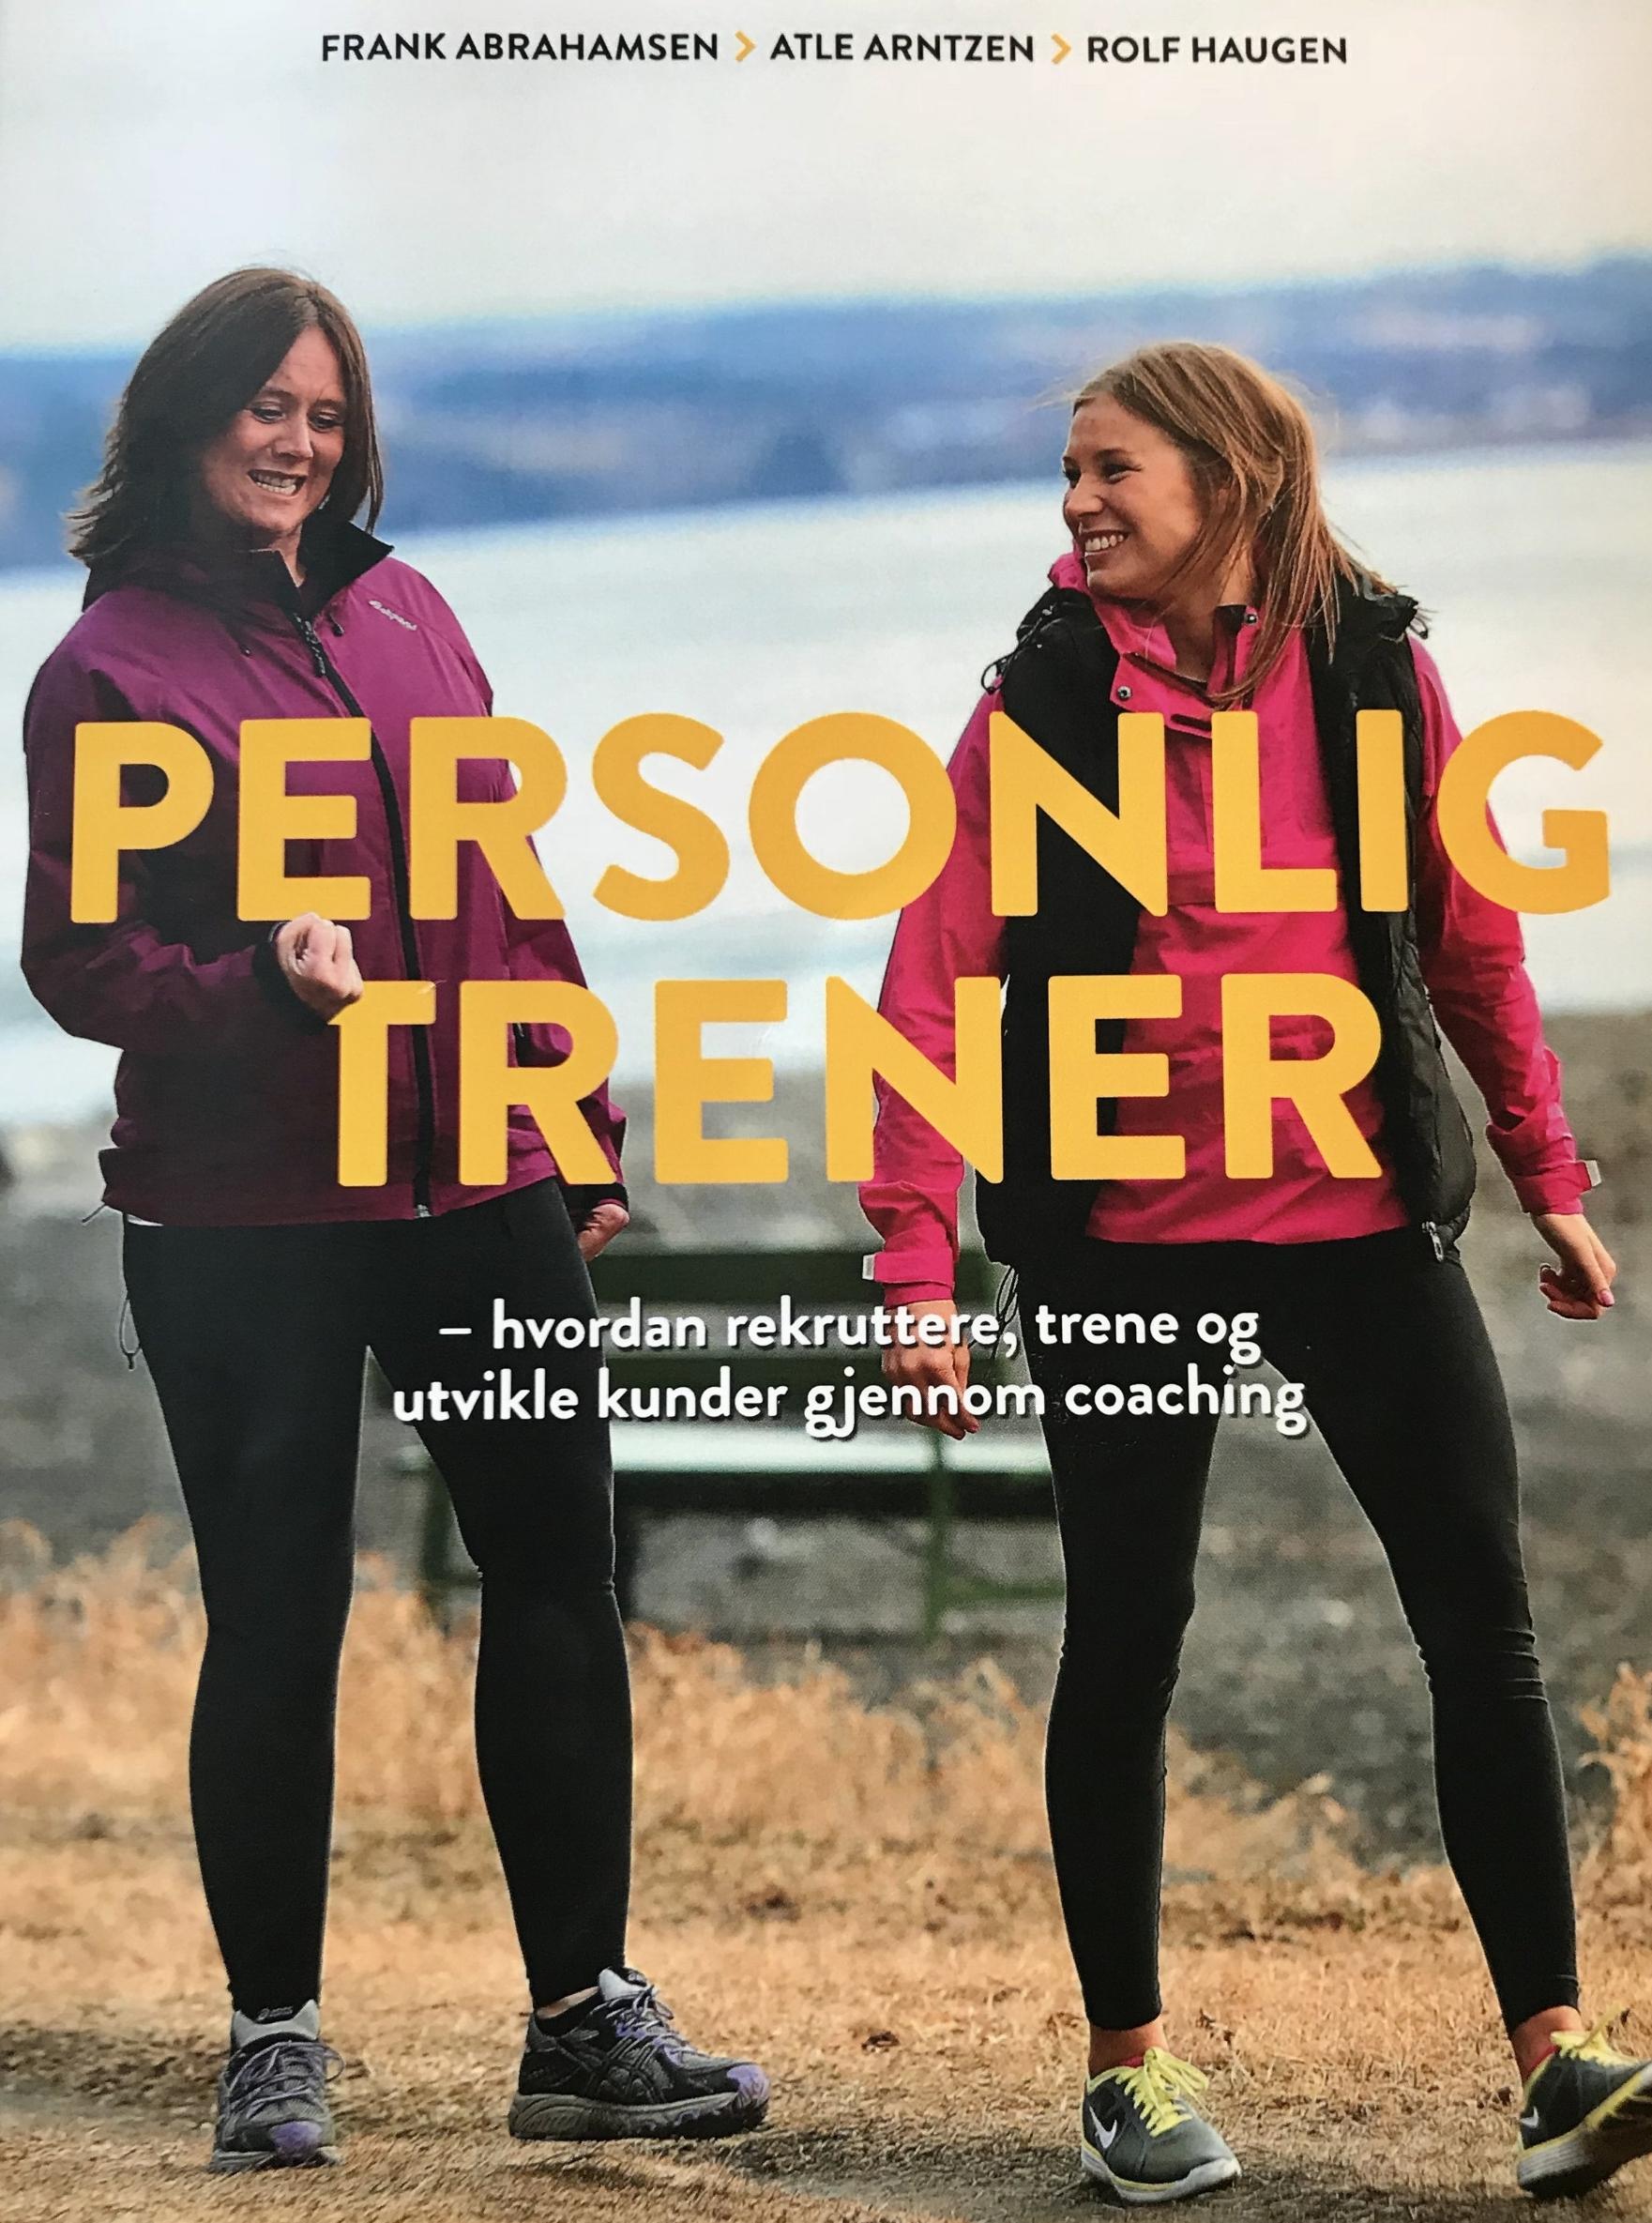 Den første boken, heter «Personlig Trener» og ble gitt ut i 2014. I 2018 kommer den reviderte og nye boken på markedet.